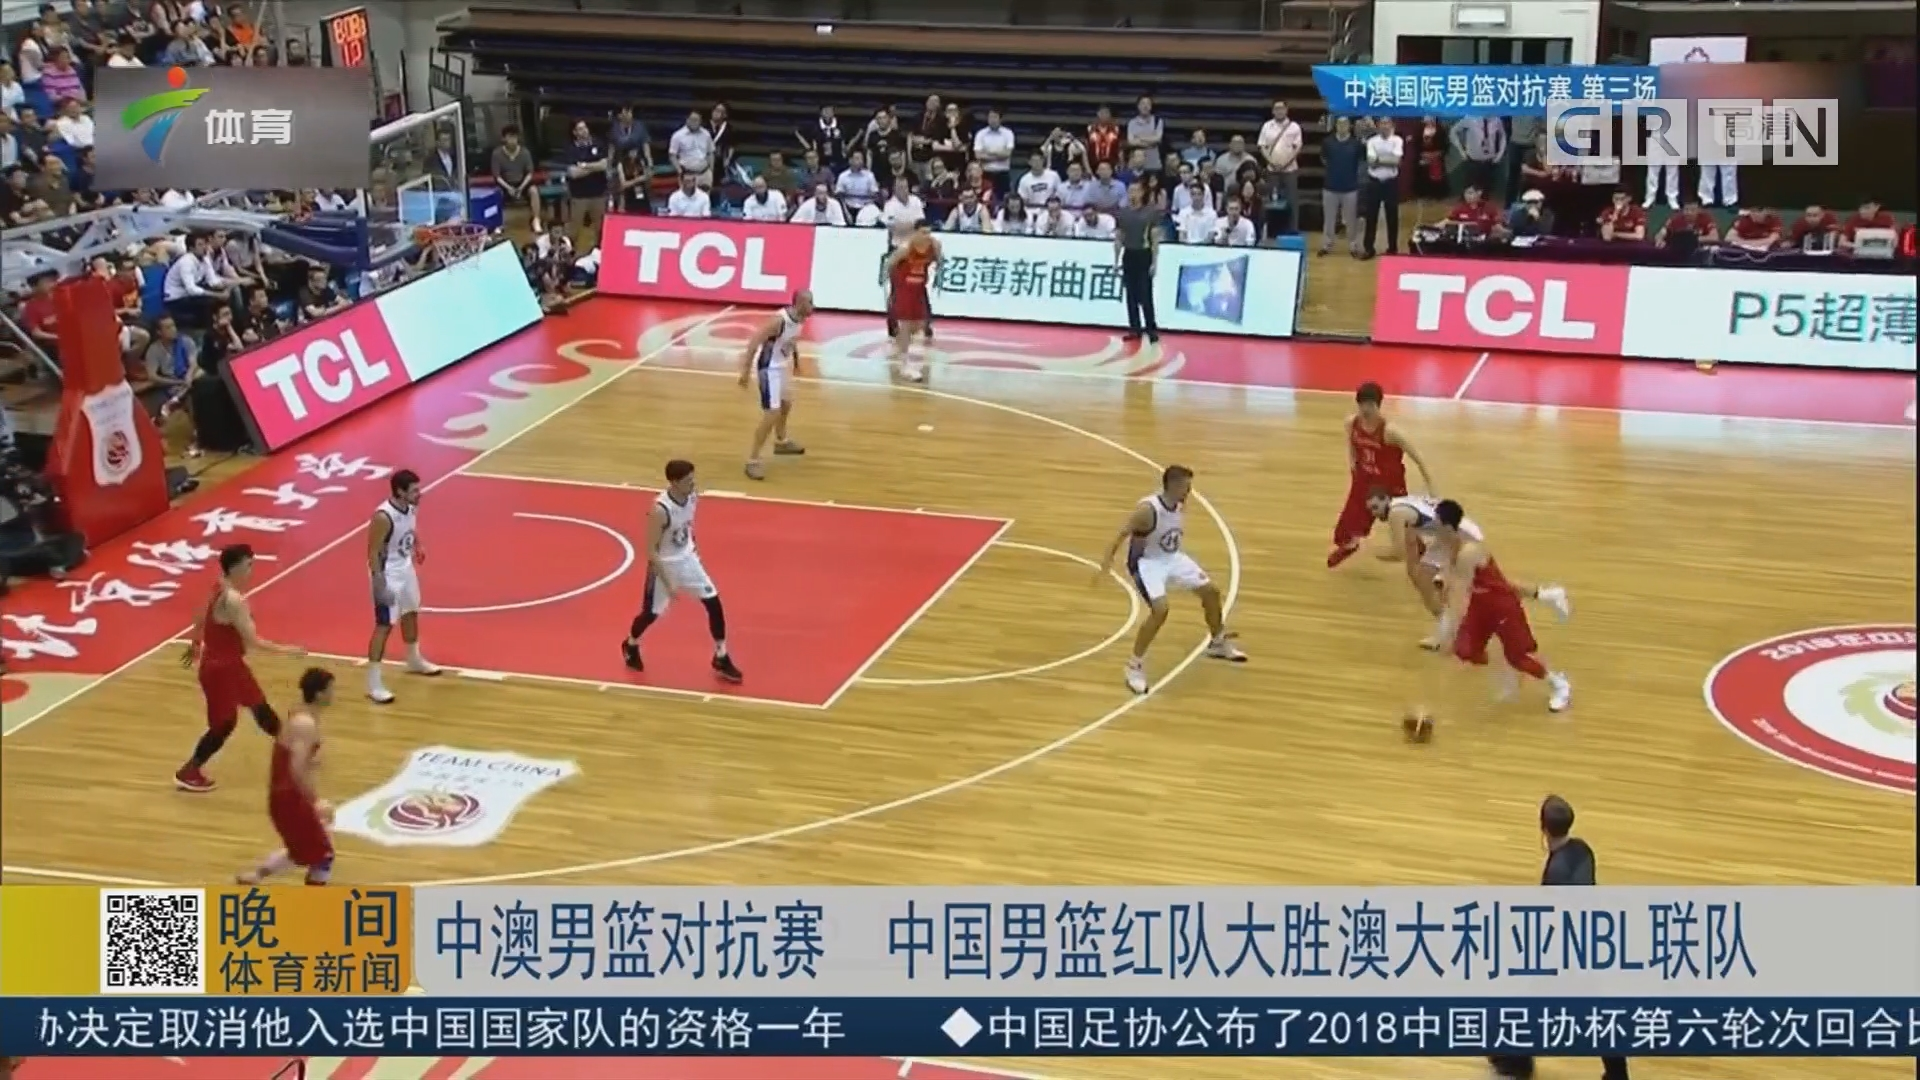 中澳男篮对抗赛 中国男篮红队大胜澳大利亚NBL联队